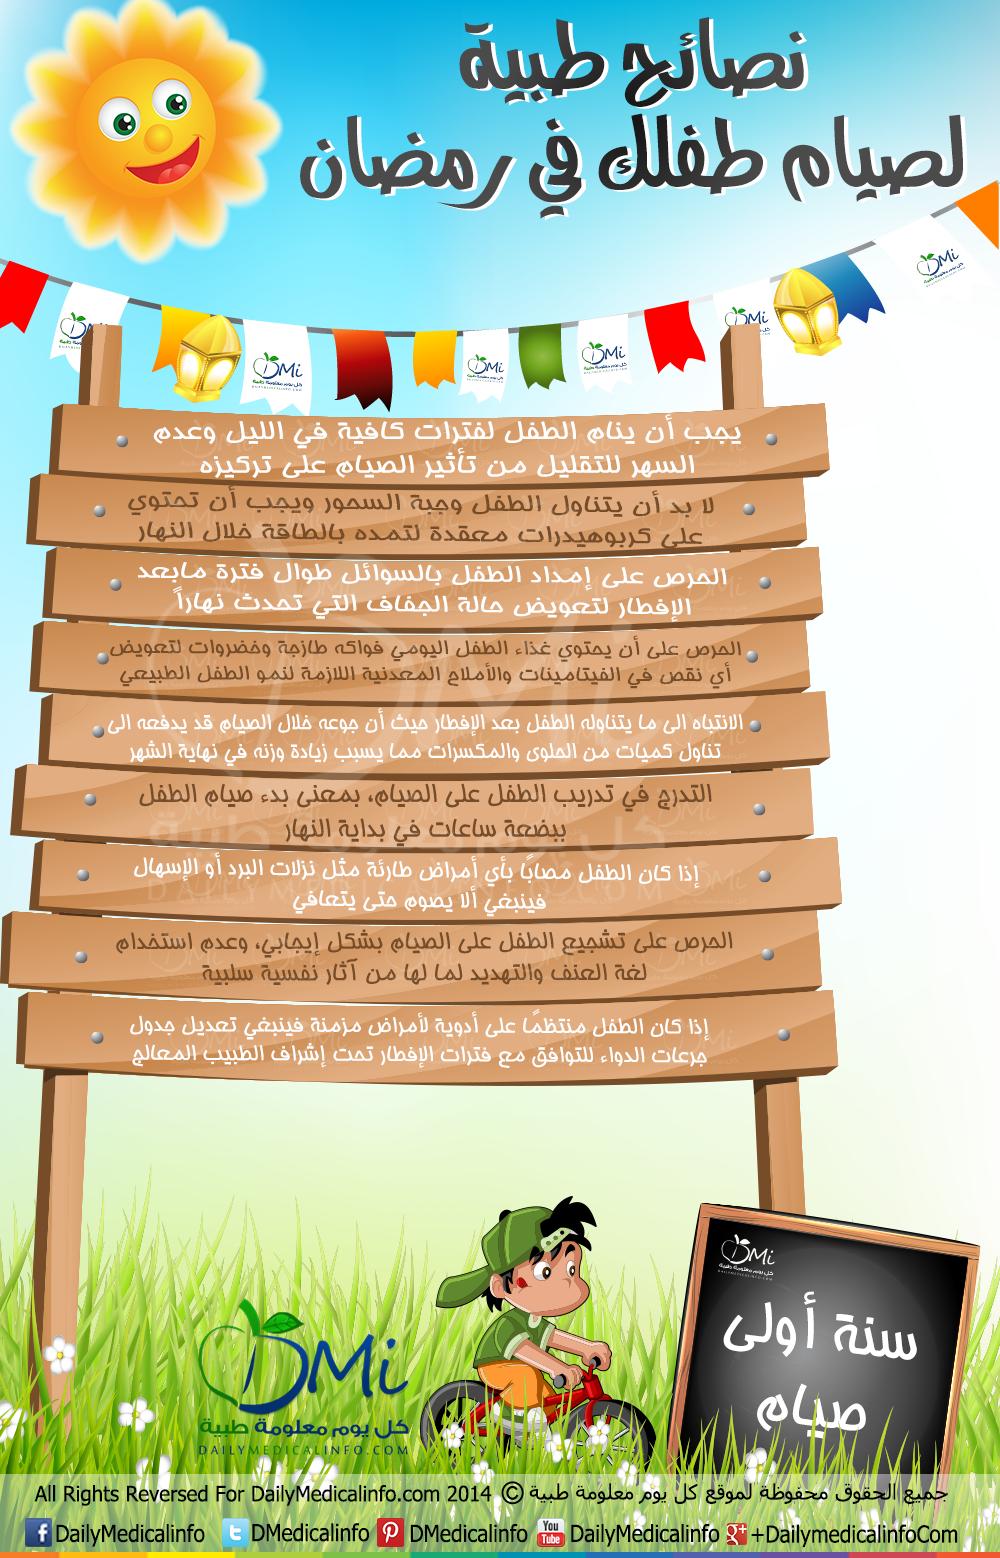 انفوجرافيك نصائح طبية لصيام طفلك في رمضان انفوجرافيك طبية كل يوم معلومة طبية Infographic Health Ramadan Decorations Ramadan